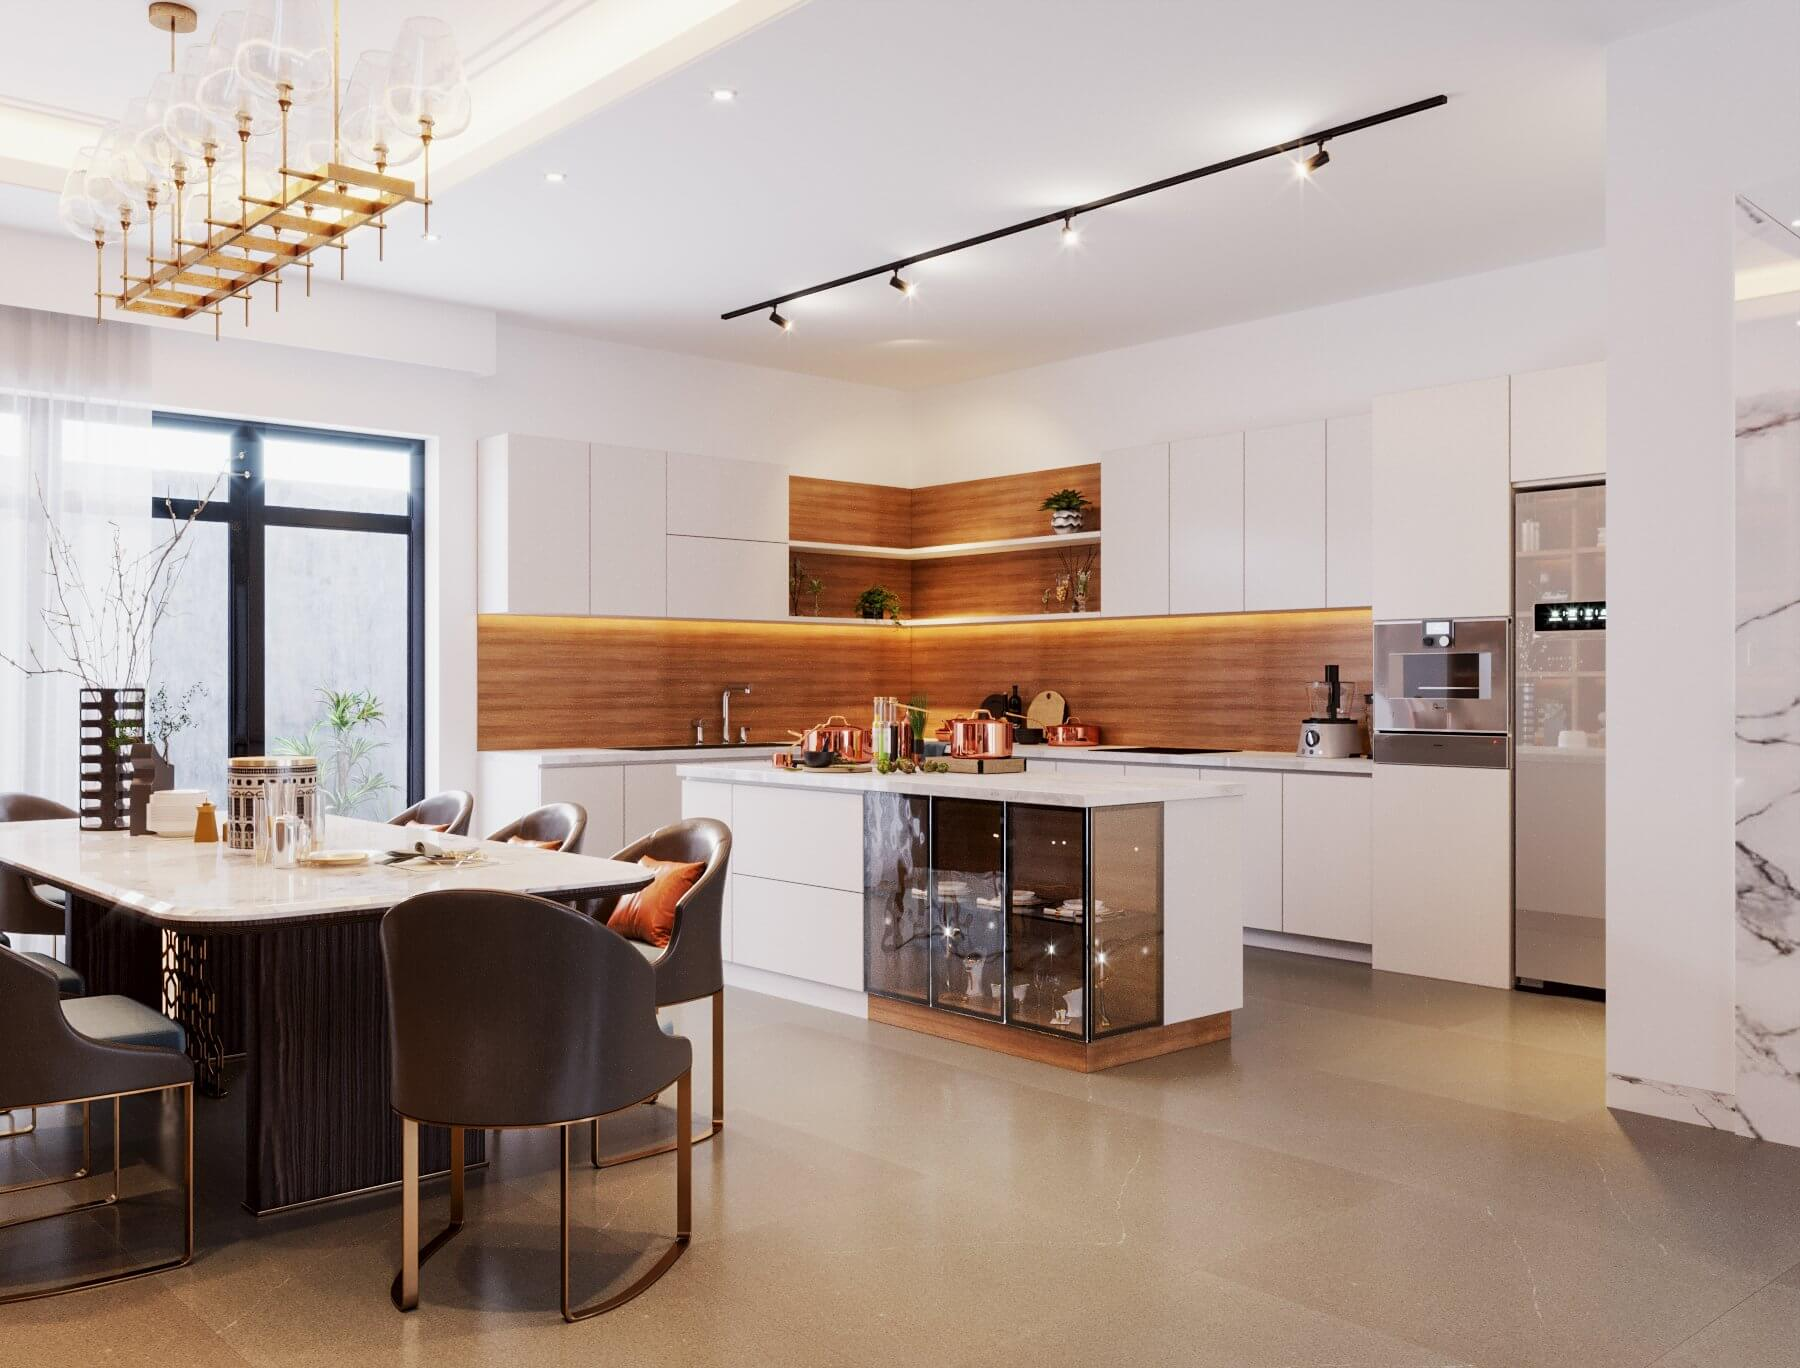 50+ mẫu phòng bếp đẹp cho nhà ống hiện đại, tiện nghi - KDesign